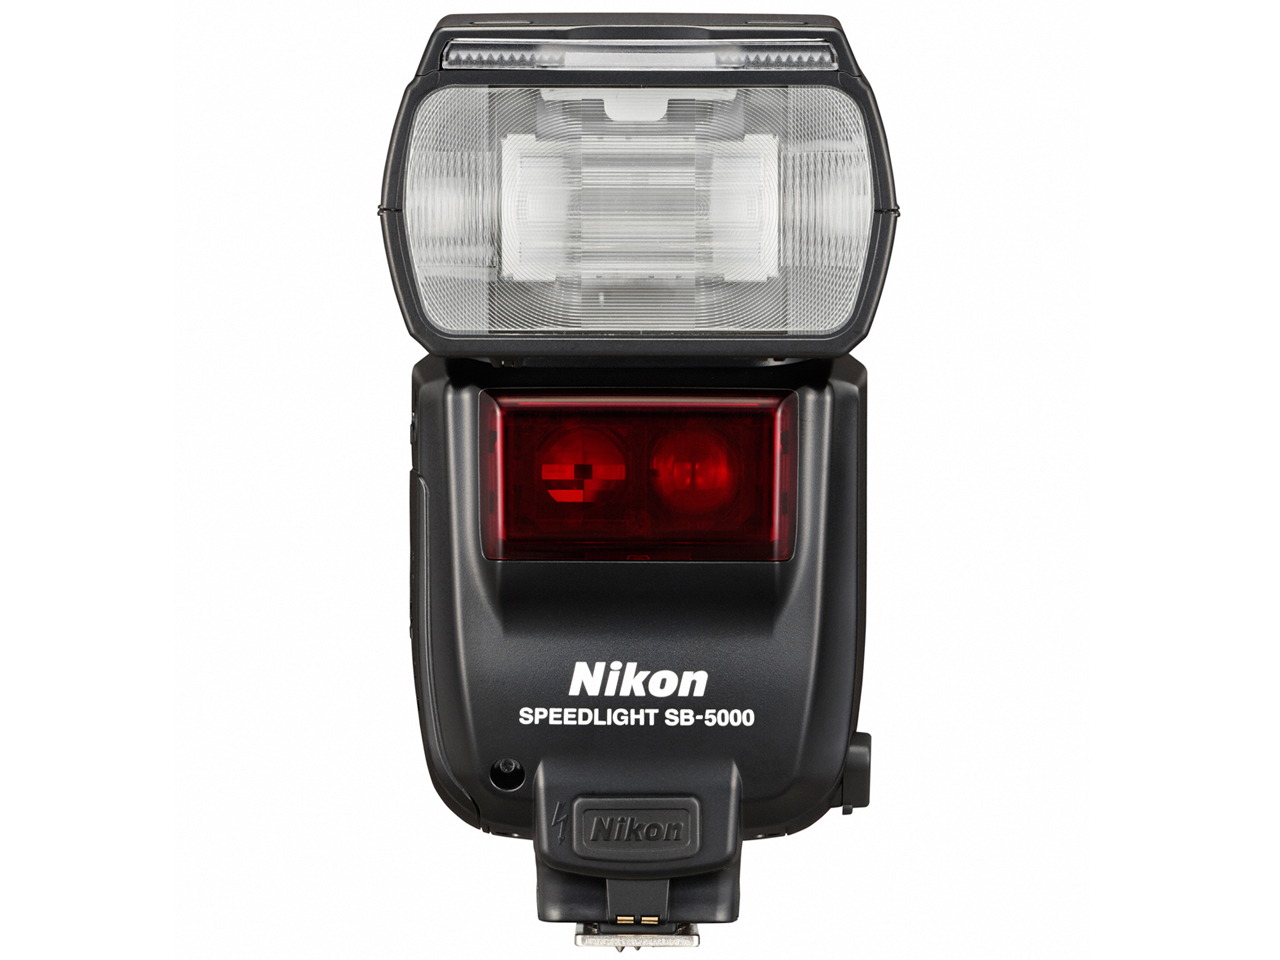 スピードライト SB-5000 の製品画像